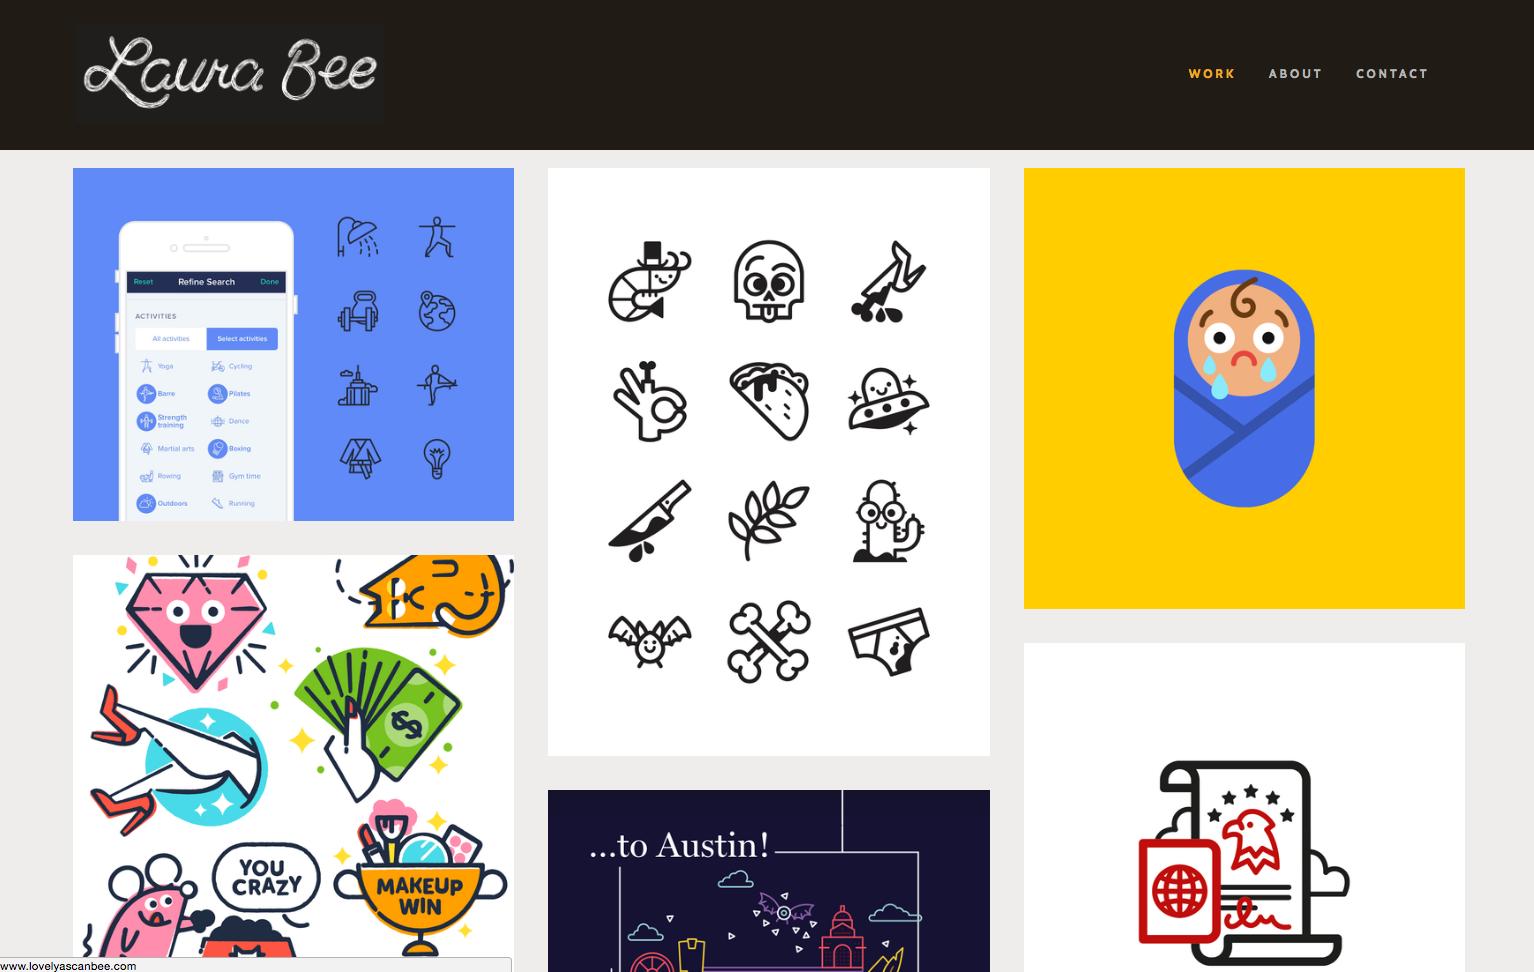 Páginas web que sirven de inspiración para un proyecto web